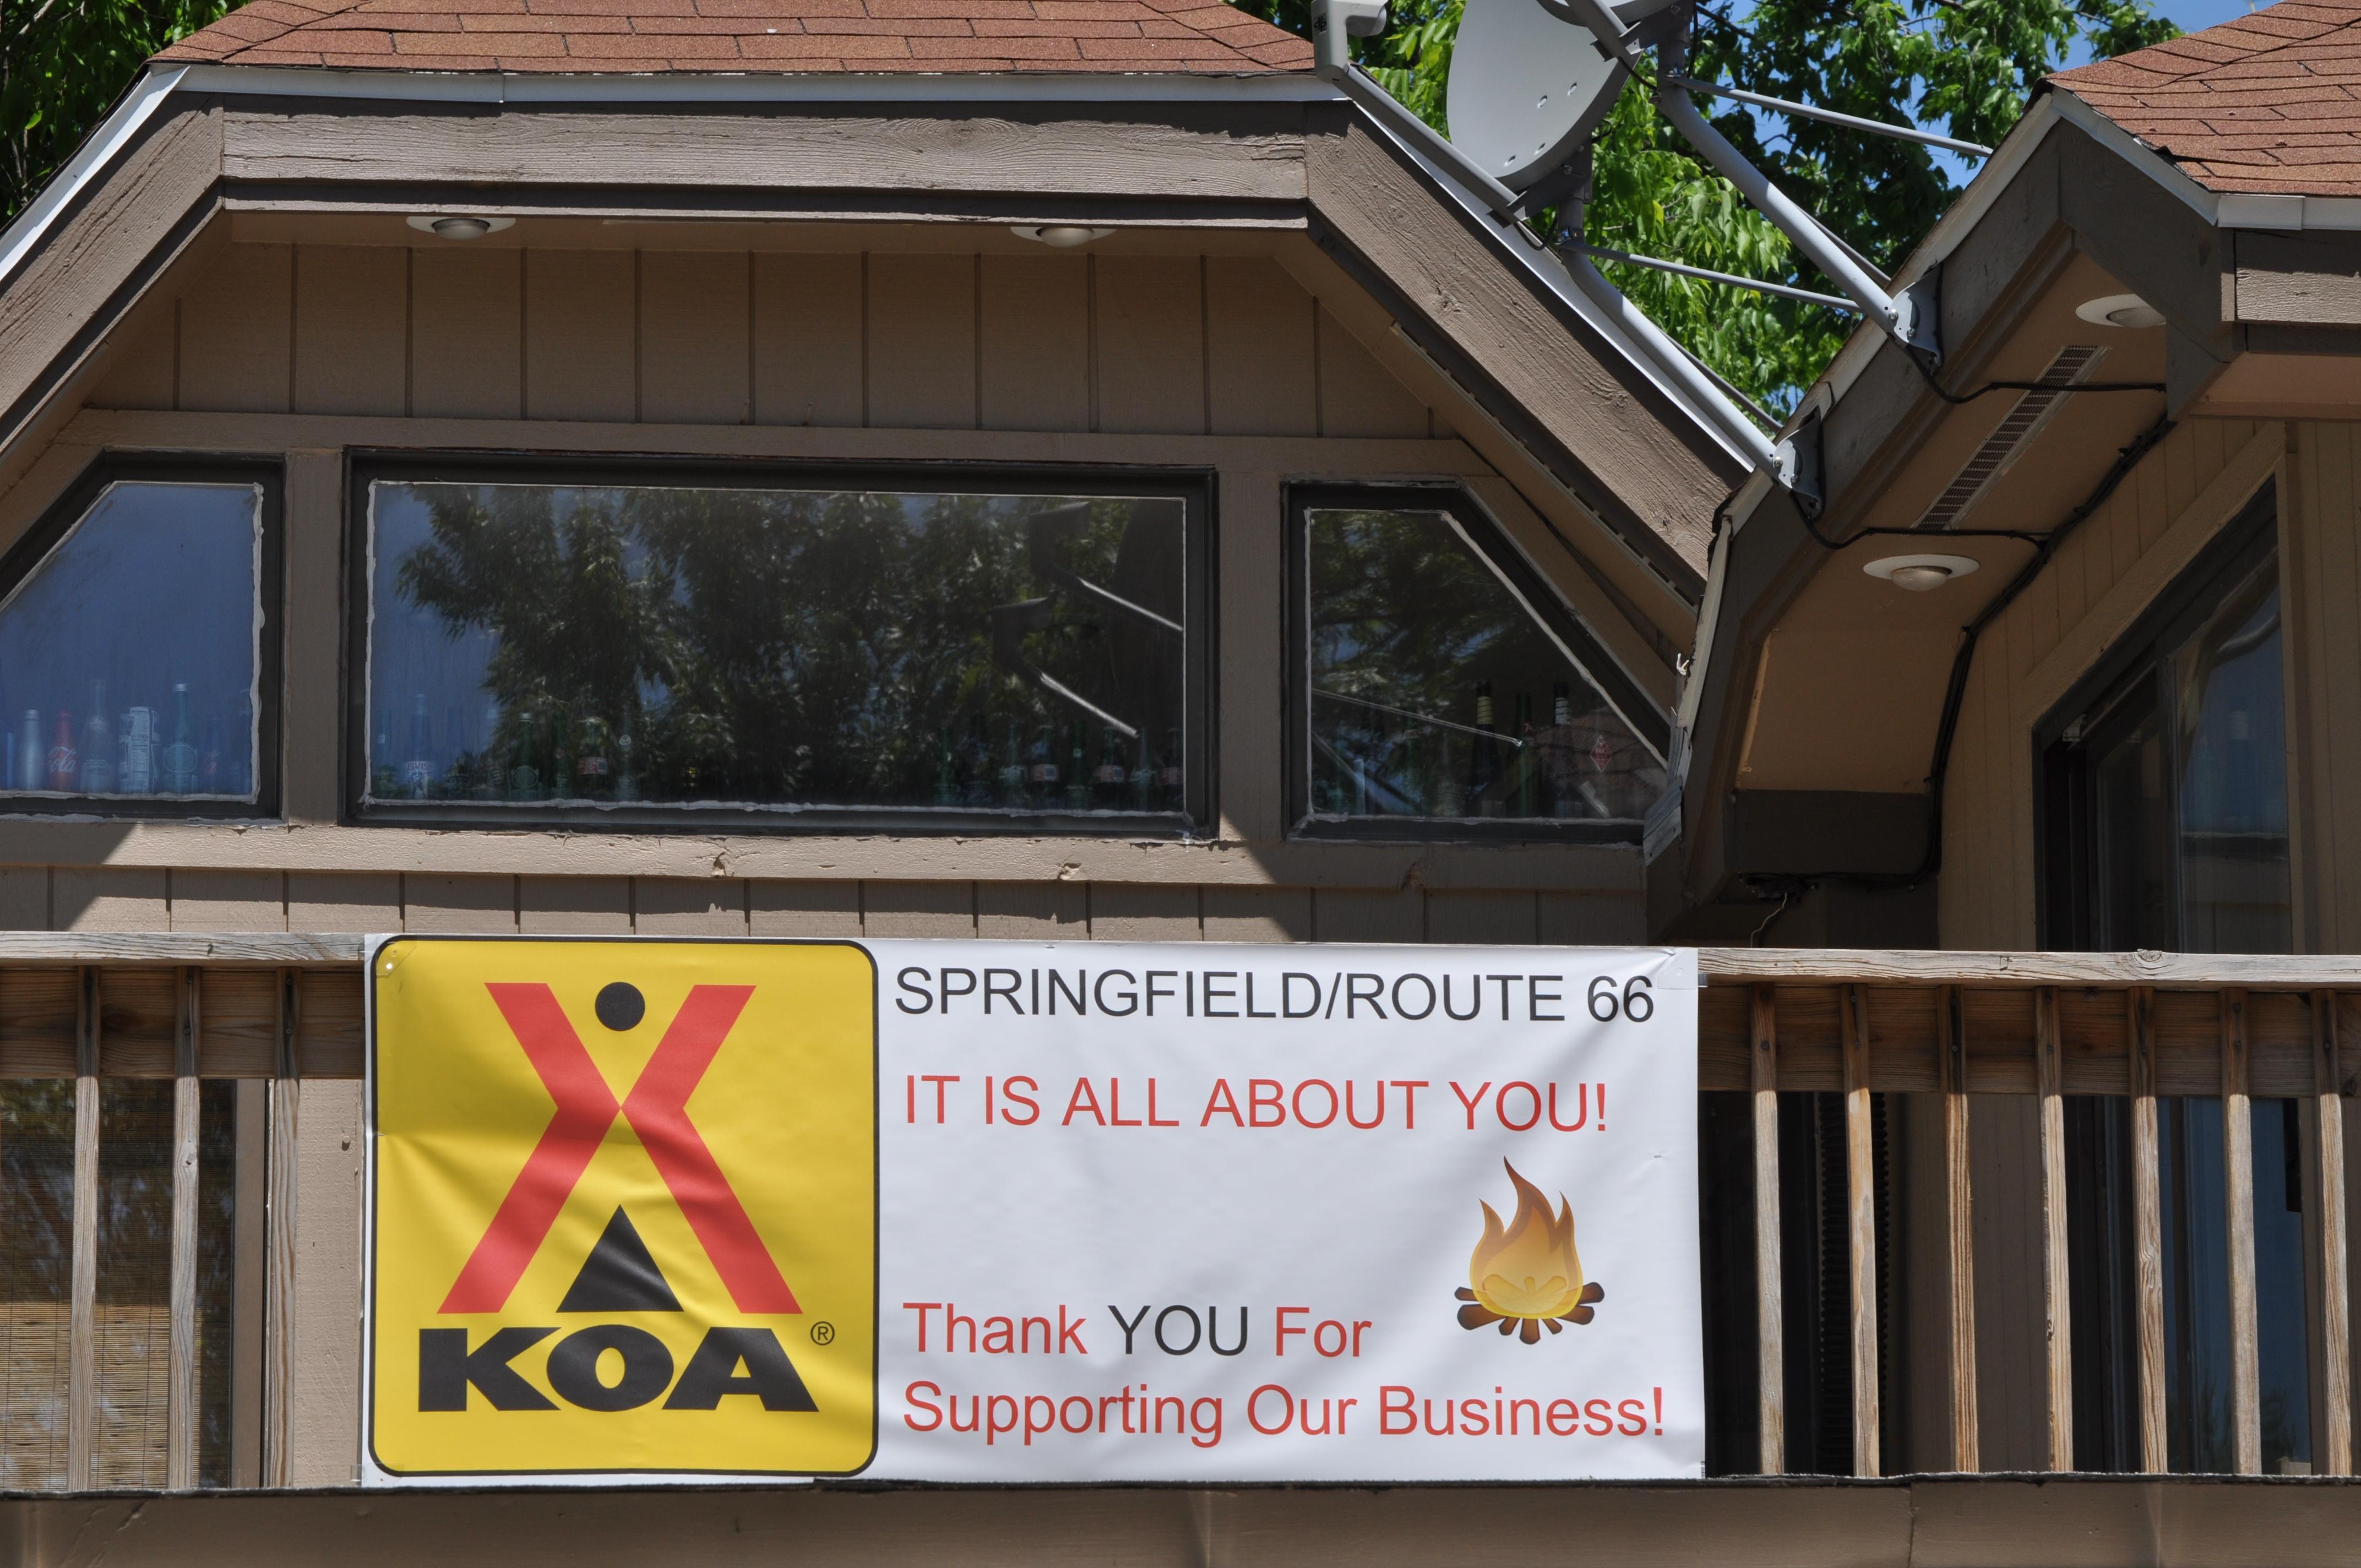 Springfield / Route 66 KOA Holiday image 22